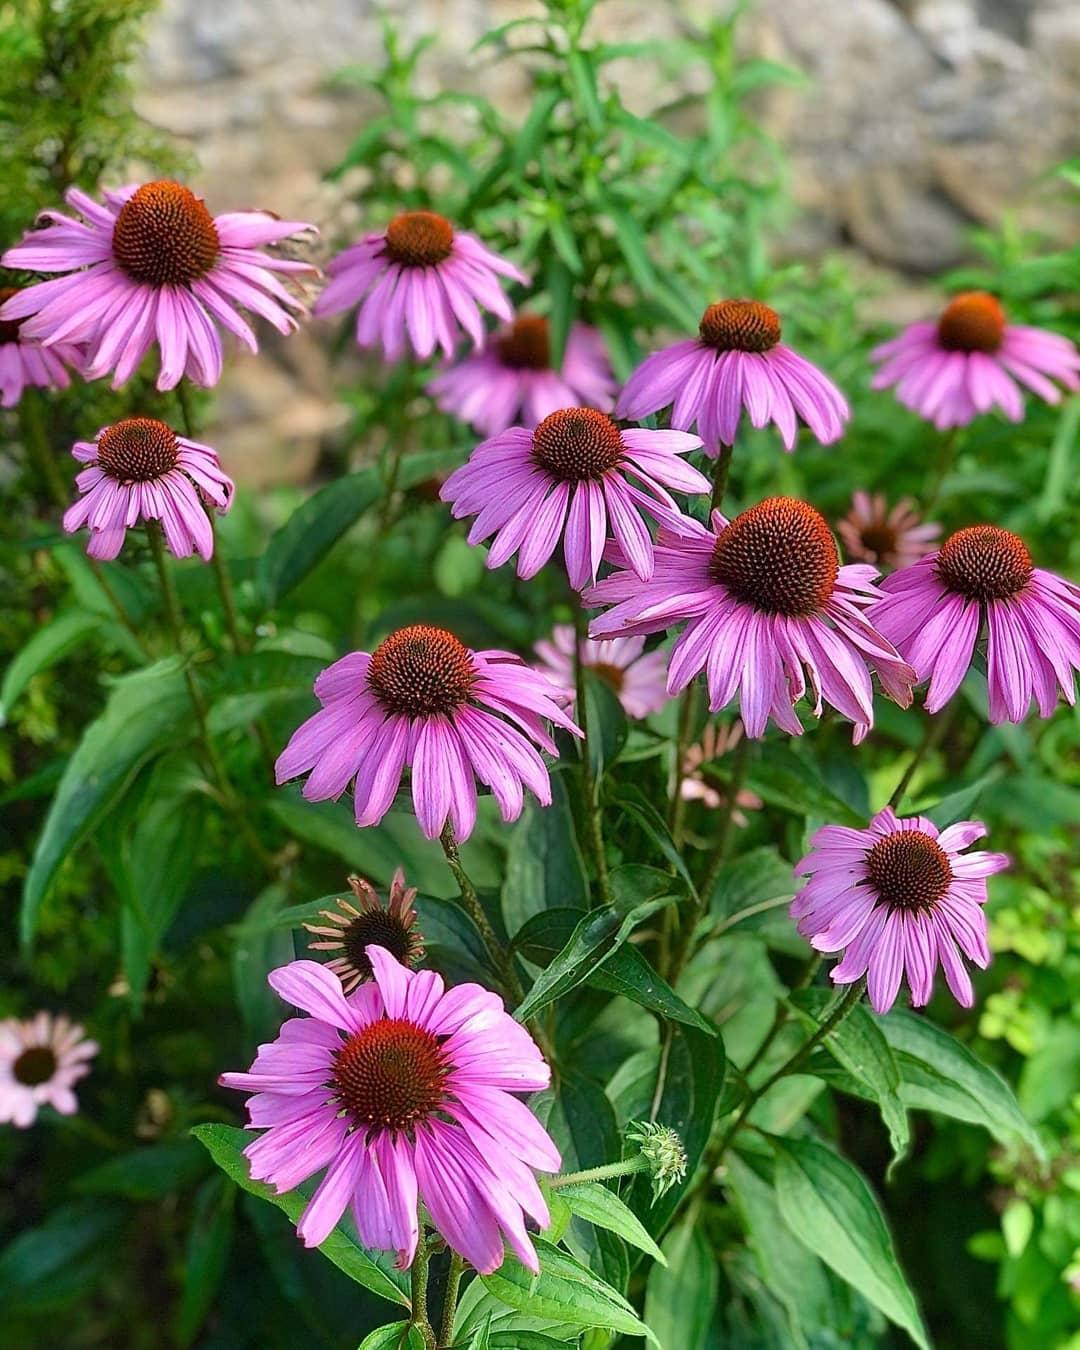 krása kvetu 2020 - echinacea